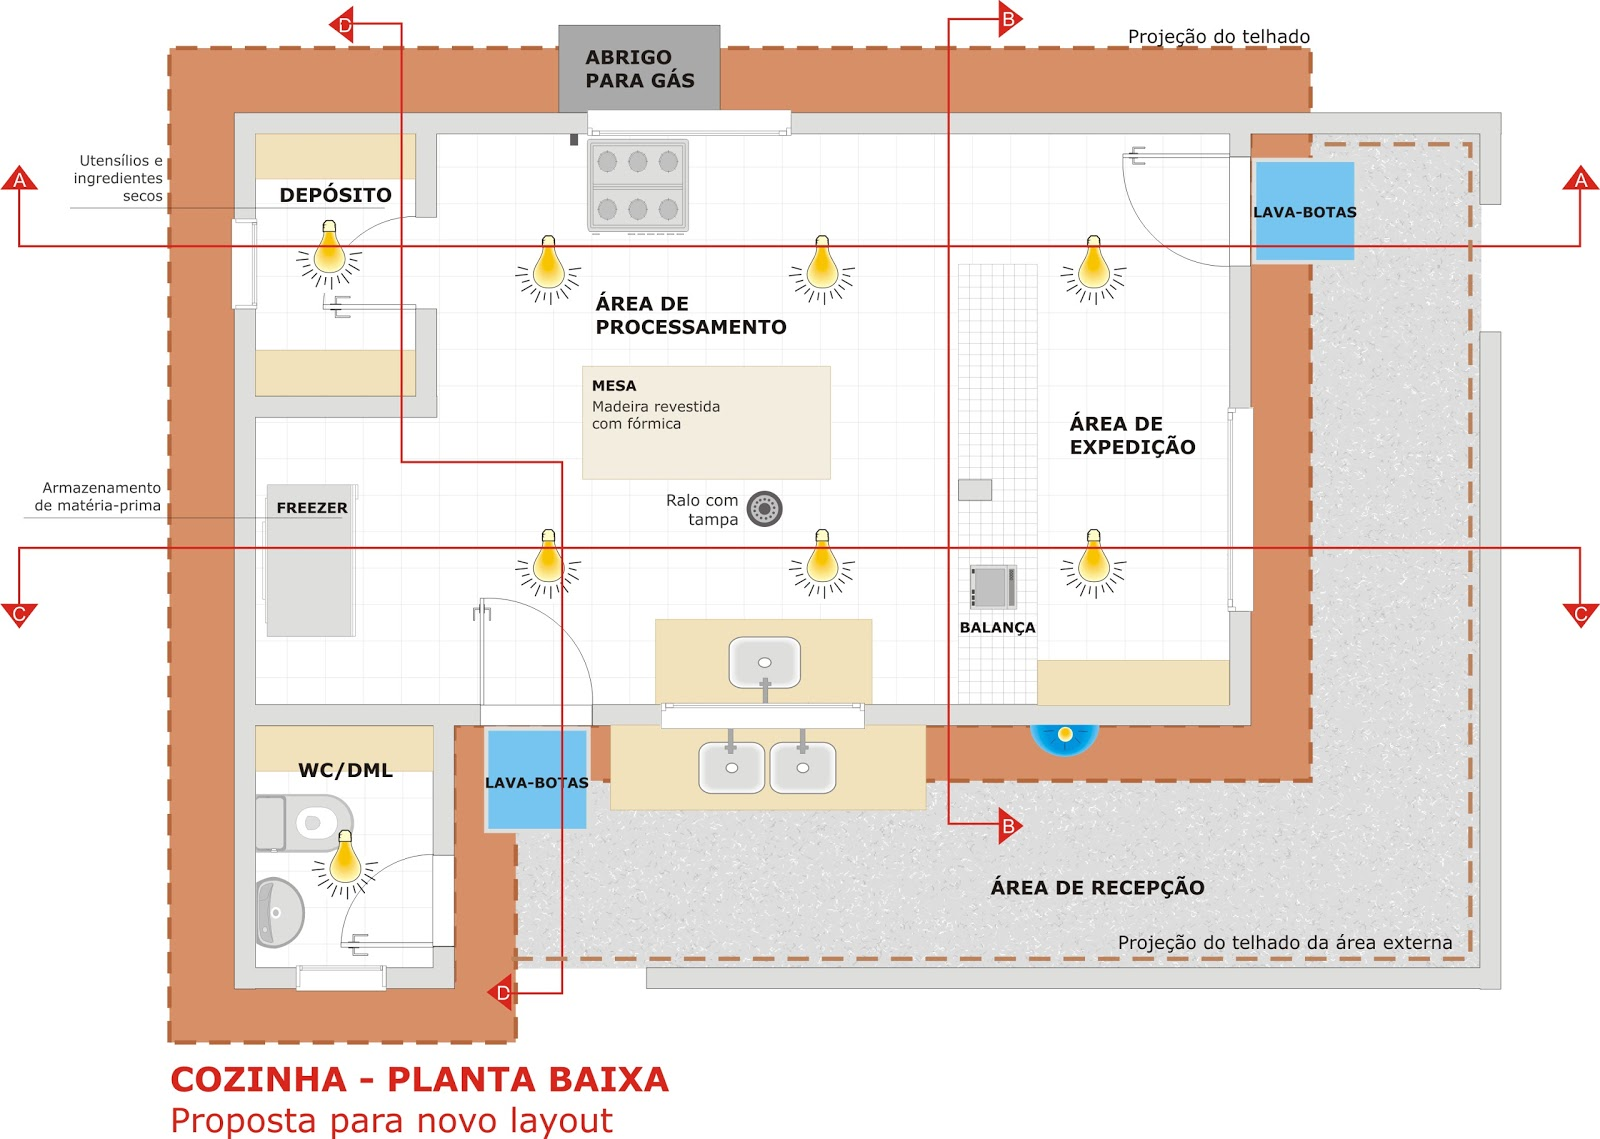 #C49C07 especificidades de certos projetos demandam estudos detalhados de  1600x1139 px Projeto De Cozinha Industrial Hotel_4665 Imagens